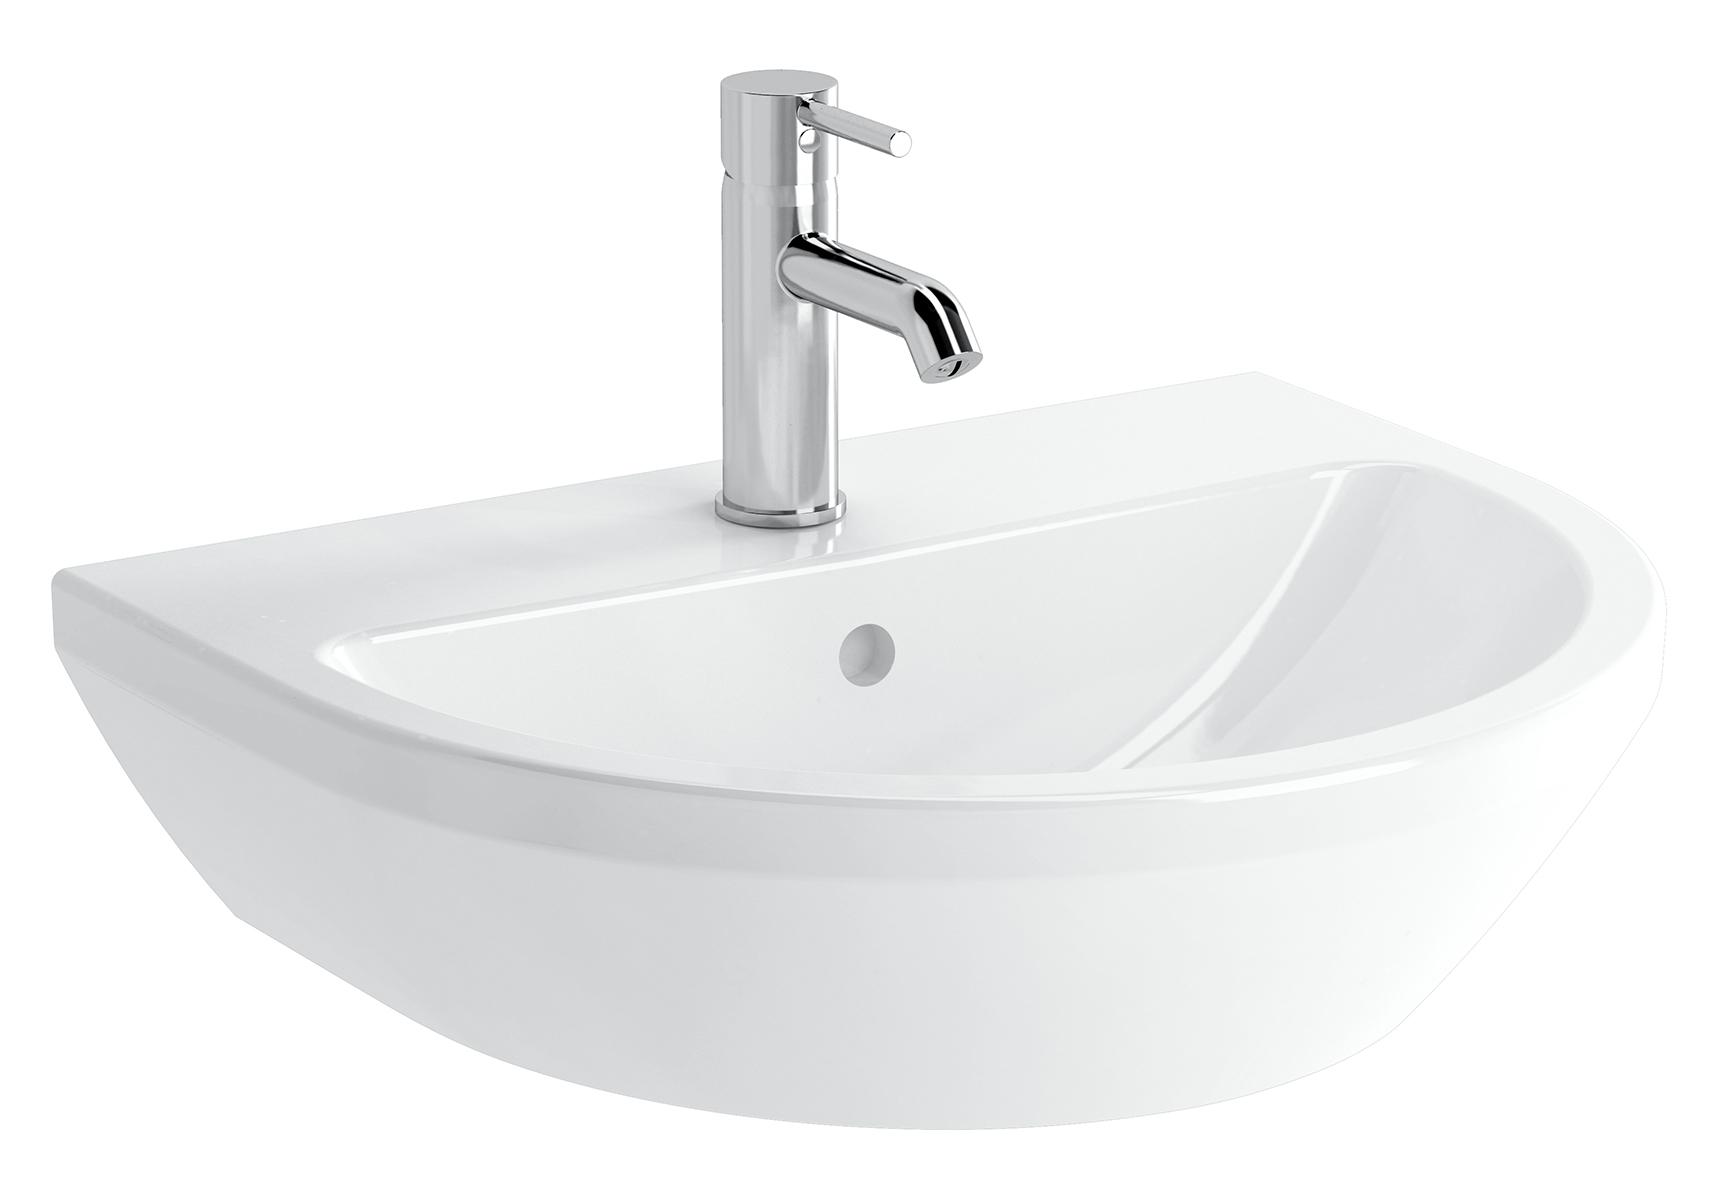 Integra lavabo rond, 55 cm, sans trou de robinet, avec trop-plein